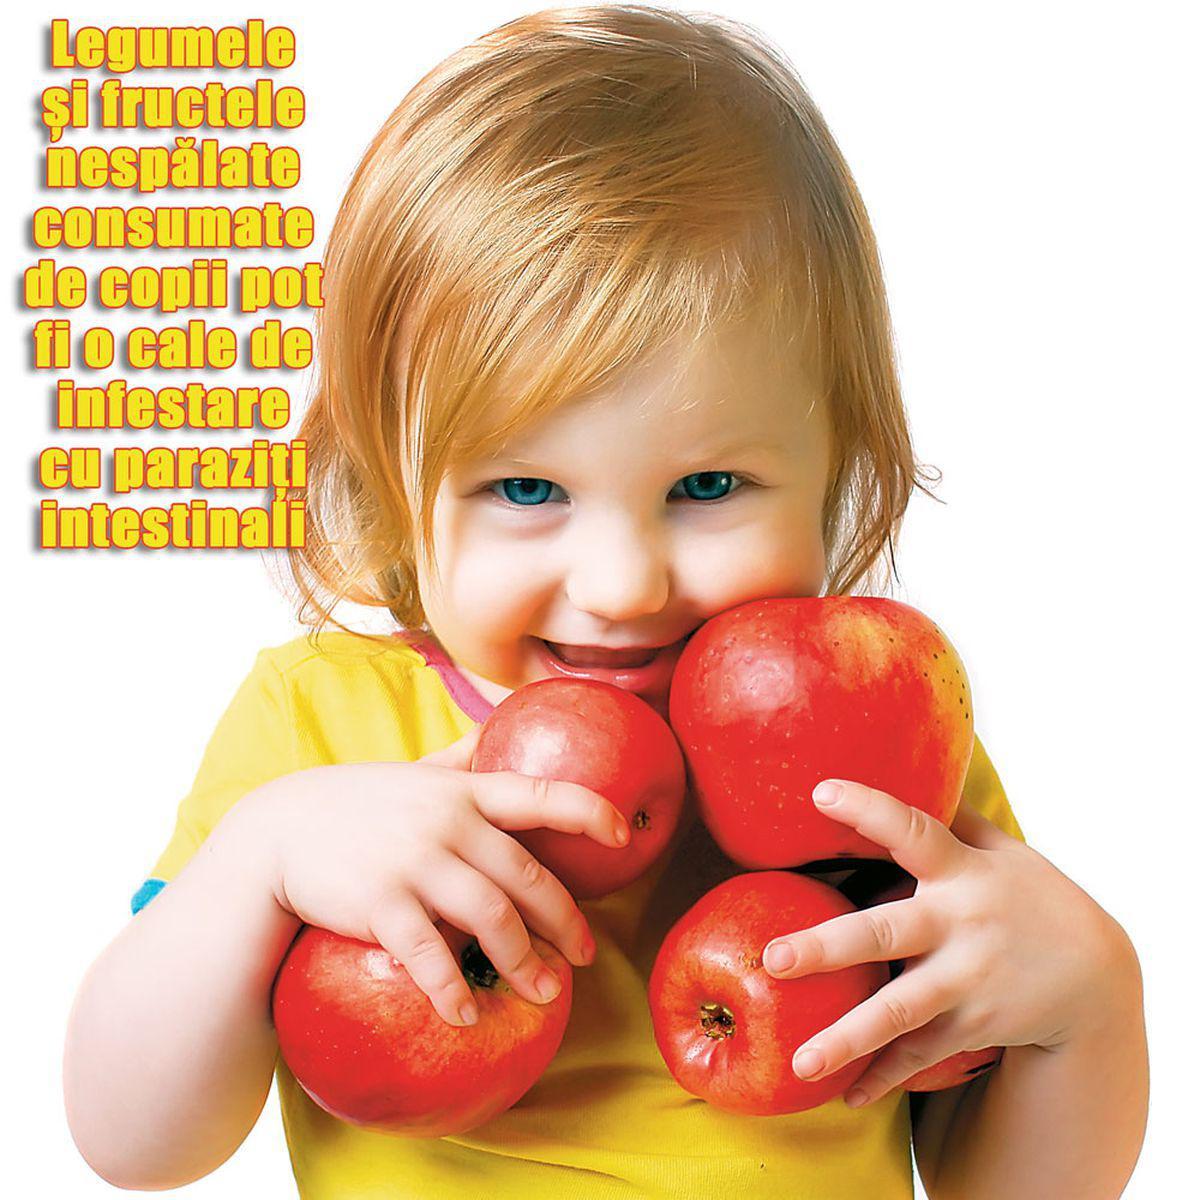 Semne de helminti în tratamentul copiilor, Limbricii la copii: cauze, simpome şi tratament